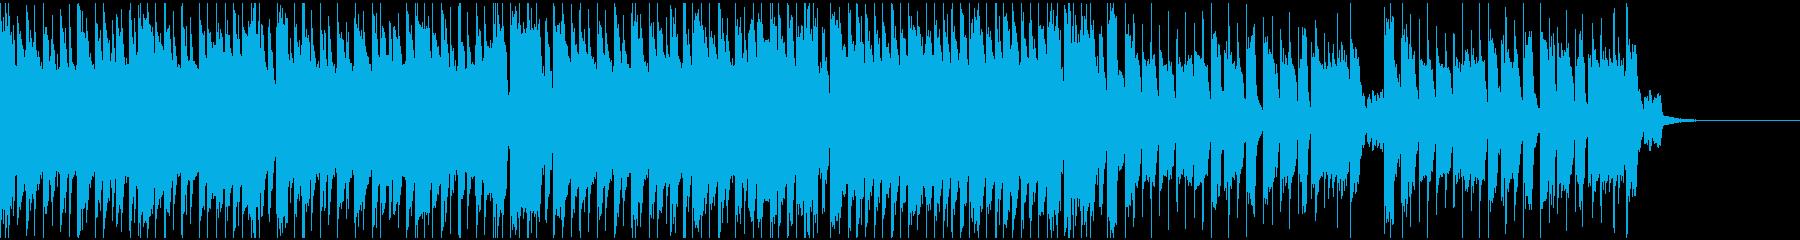 攻撃的なEDMの再生済みの波形